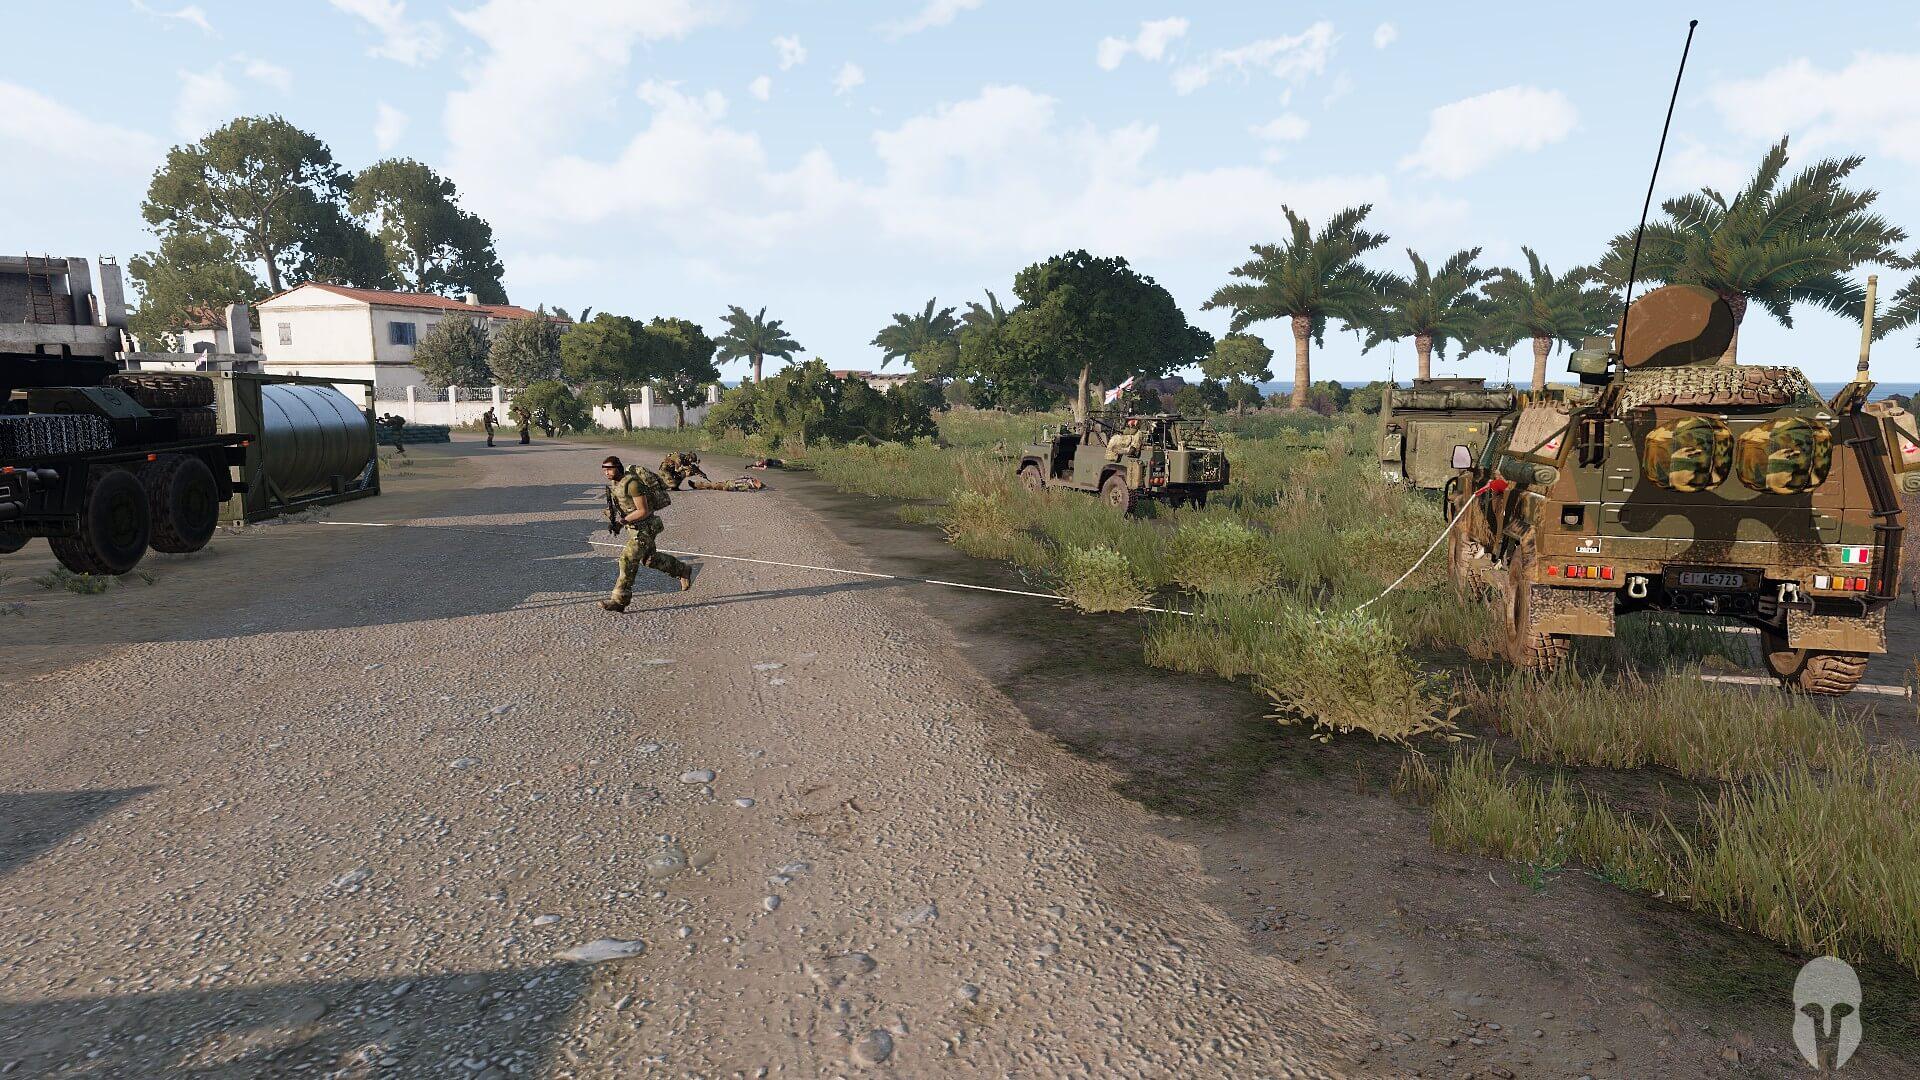 DAY 3 - Preparazione e rifornimento veicoli nei pressi della FOB della NATO